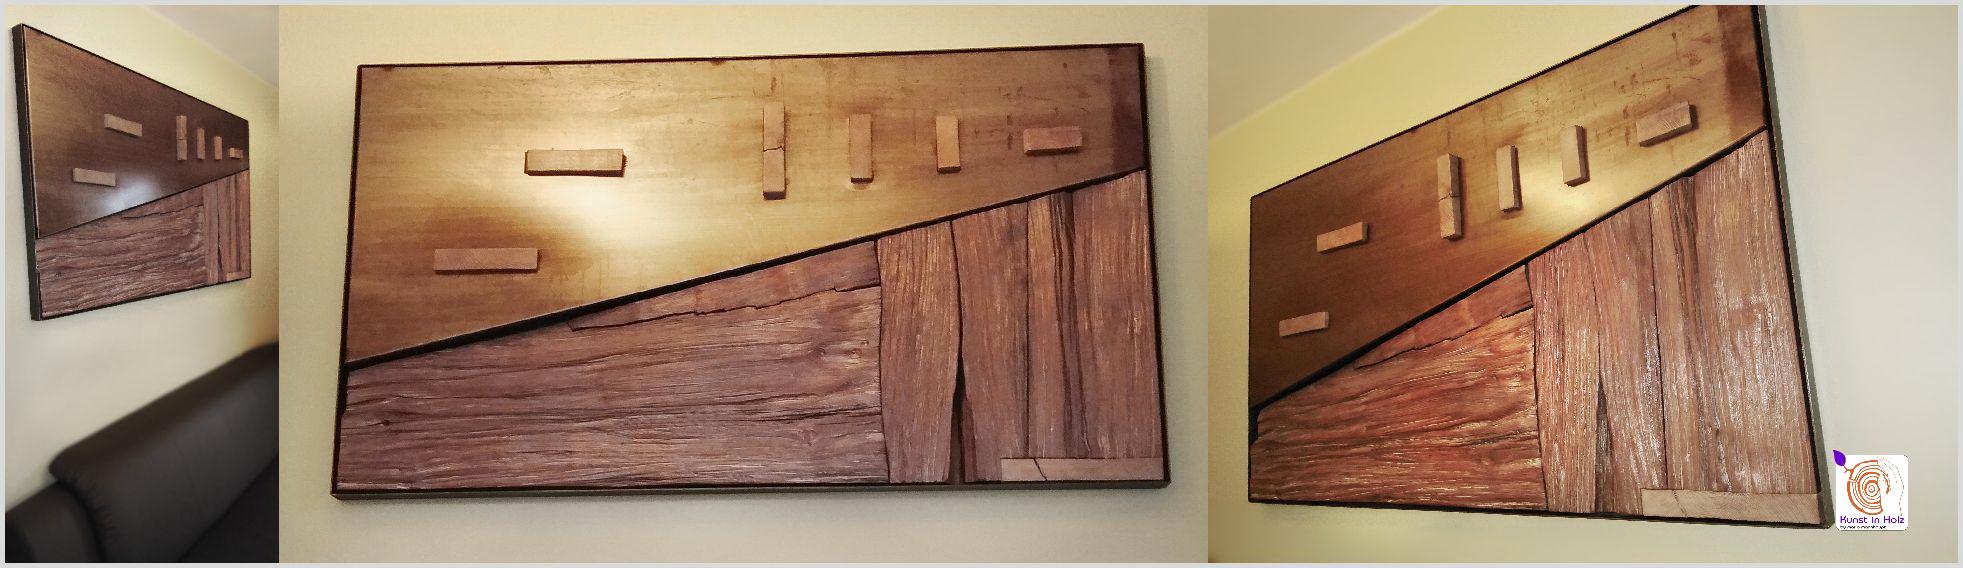 Wandgestaltung bei Kunst in Holz - Mario Mannhaupt